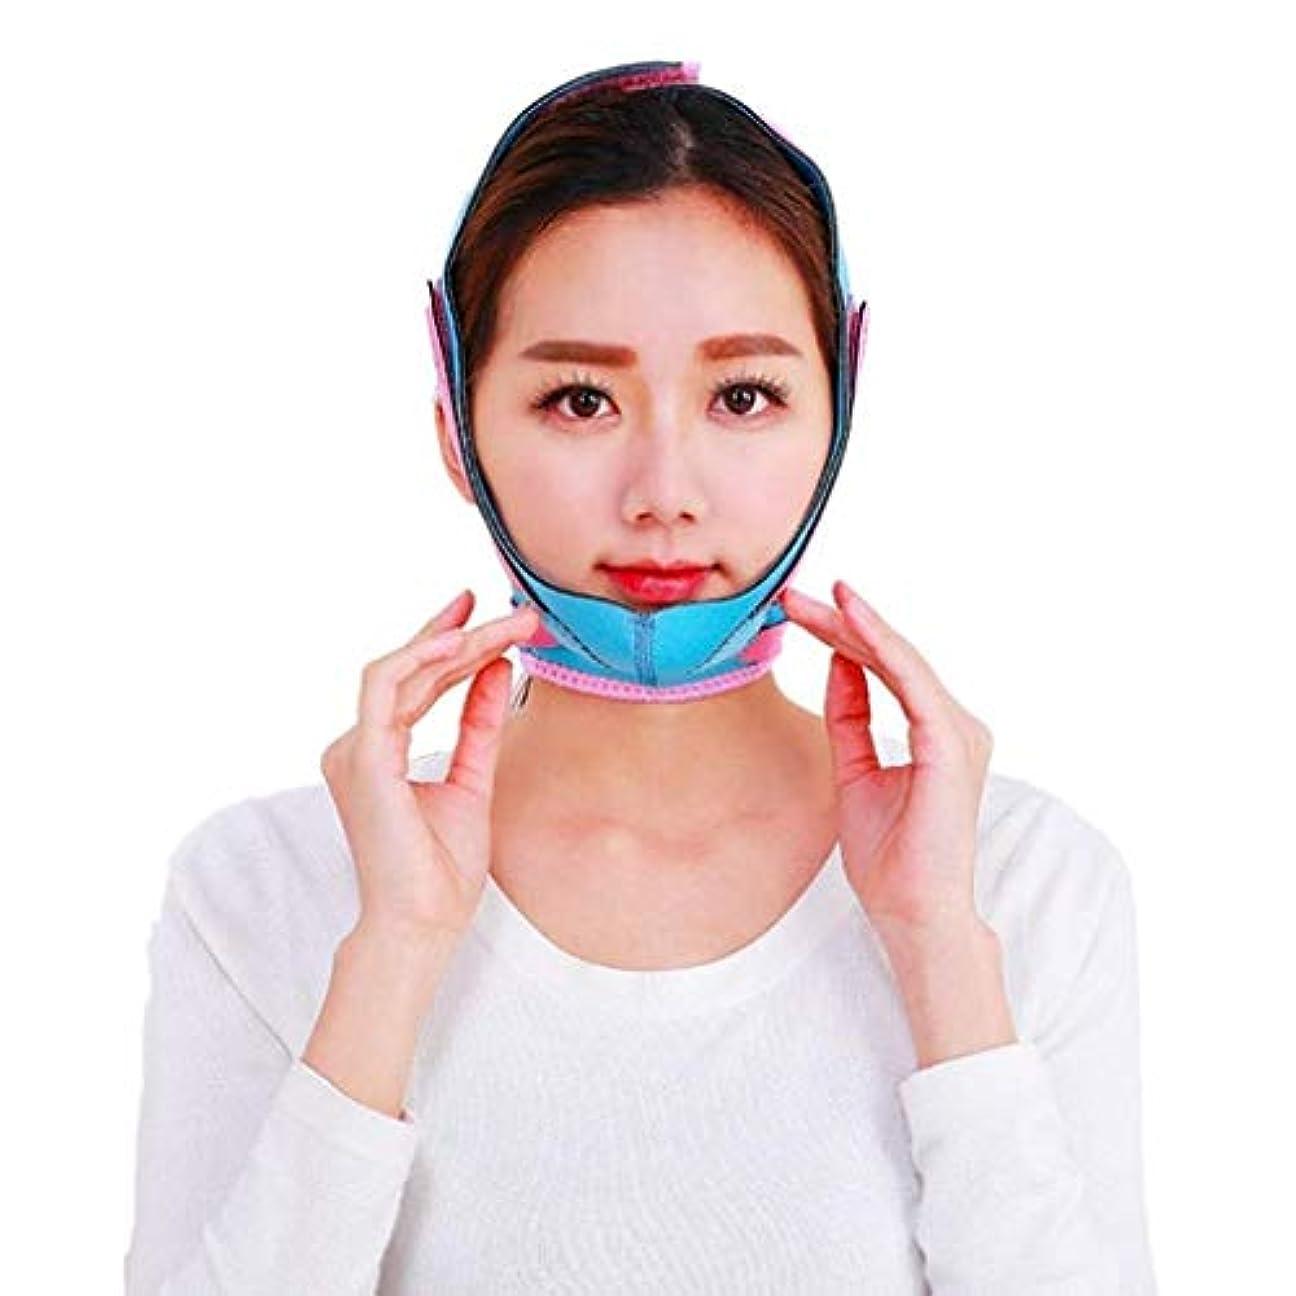 離す飼料増強するVフェイスラインベルトチンチークスリムリフトアップアンチリンクルマスク超薄型ストラップバンドVフェイスラインベルトストラップバンド通気性